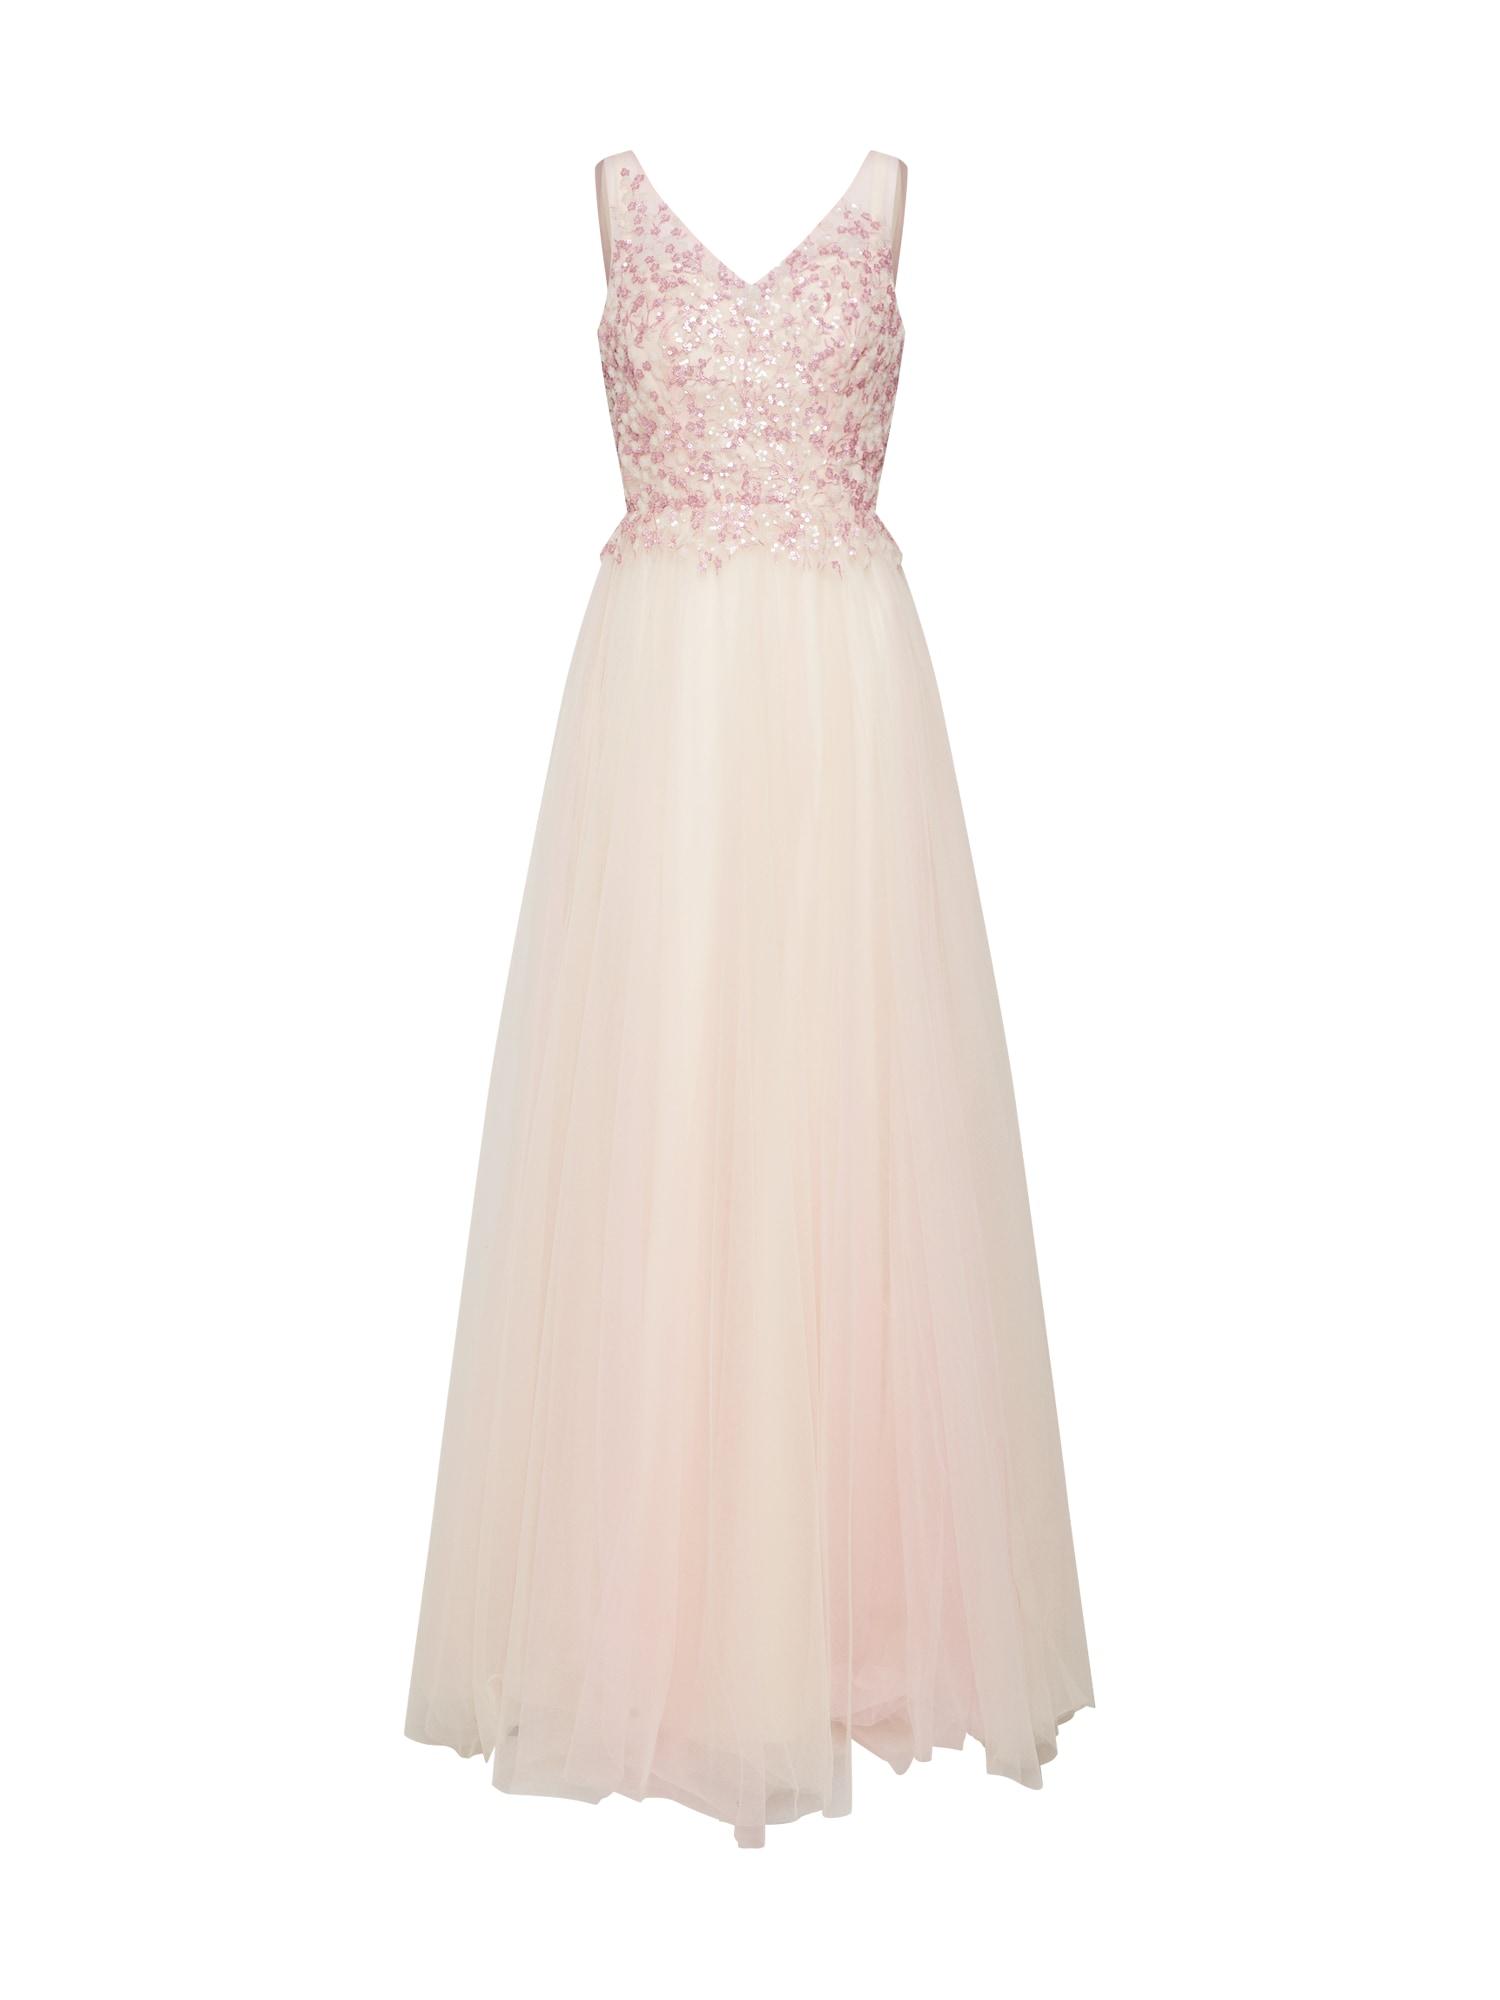 Společenské šaty Beads Dress champagne růžová Mascara